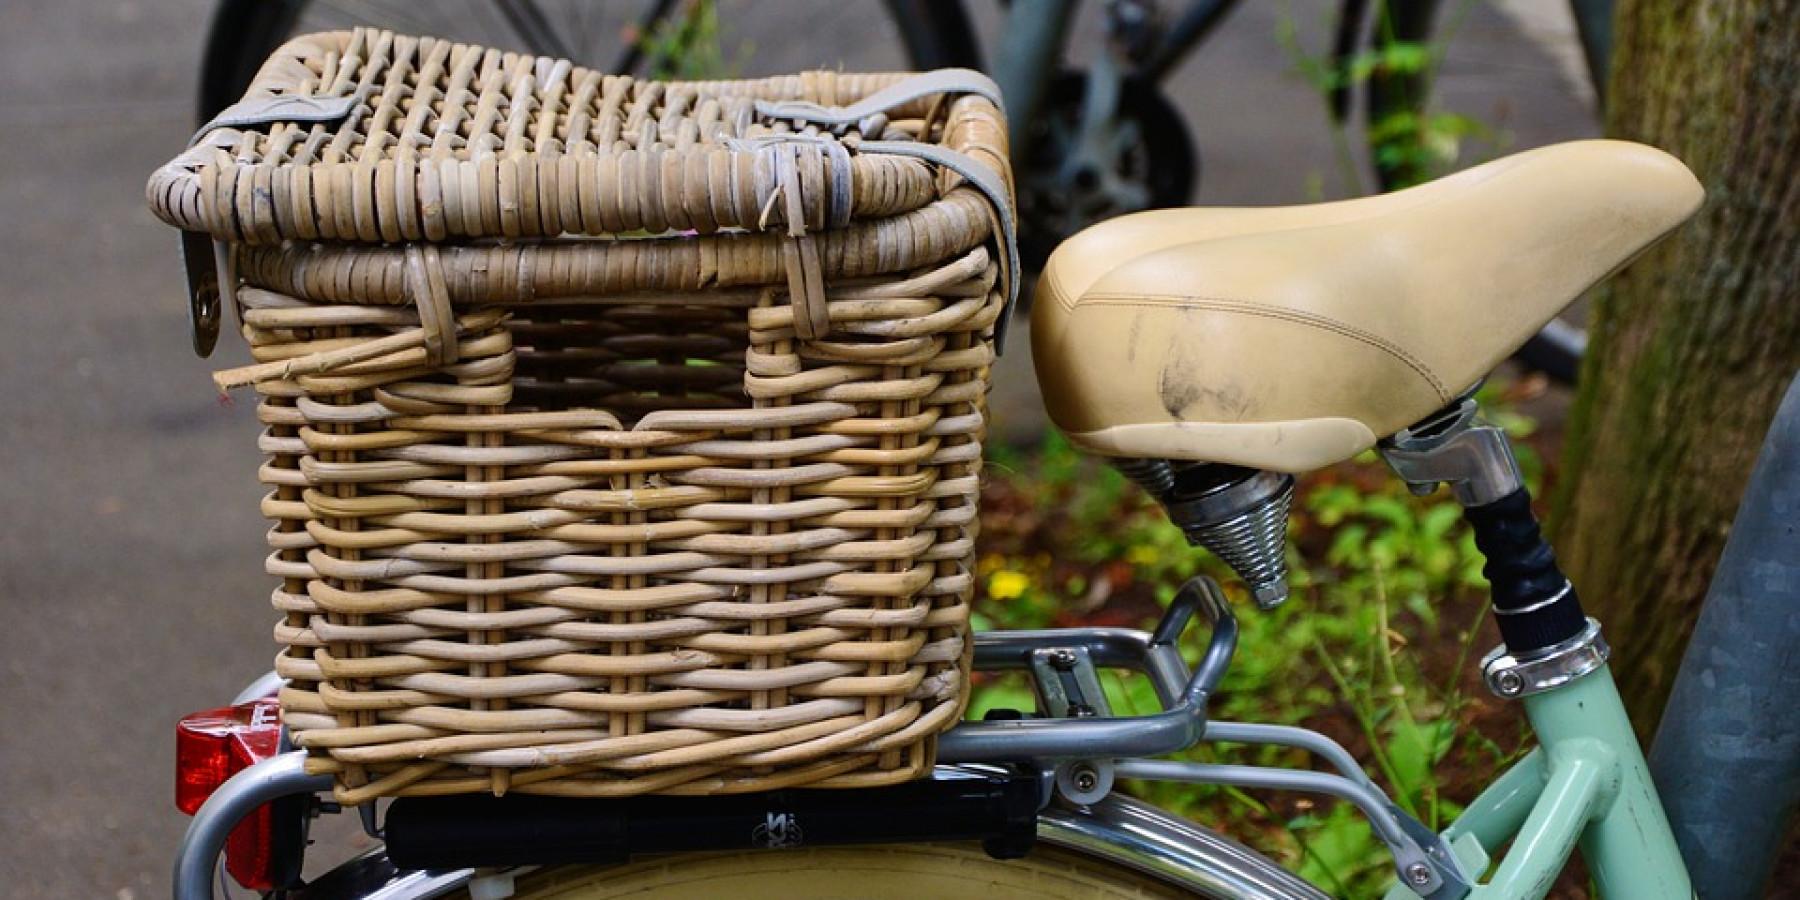 Unbekannter stiehlt Tasche aus Fahrradkorb